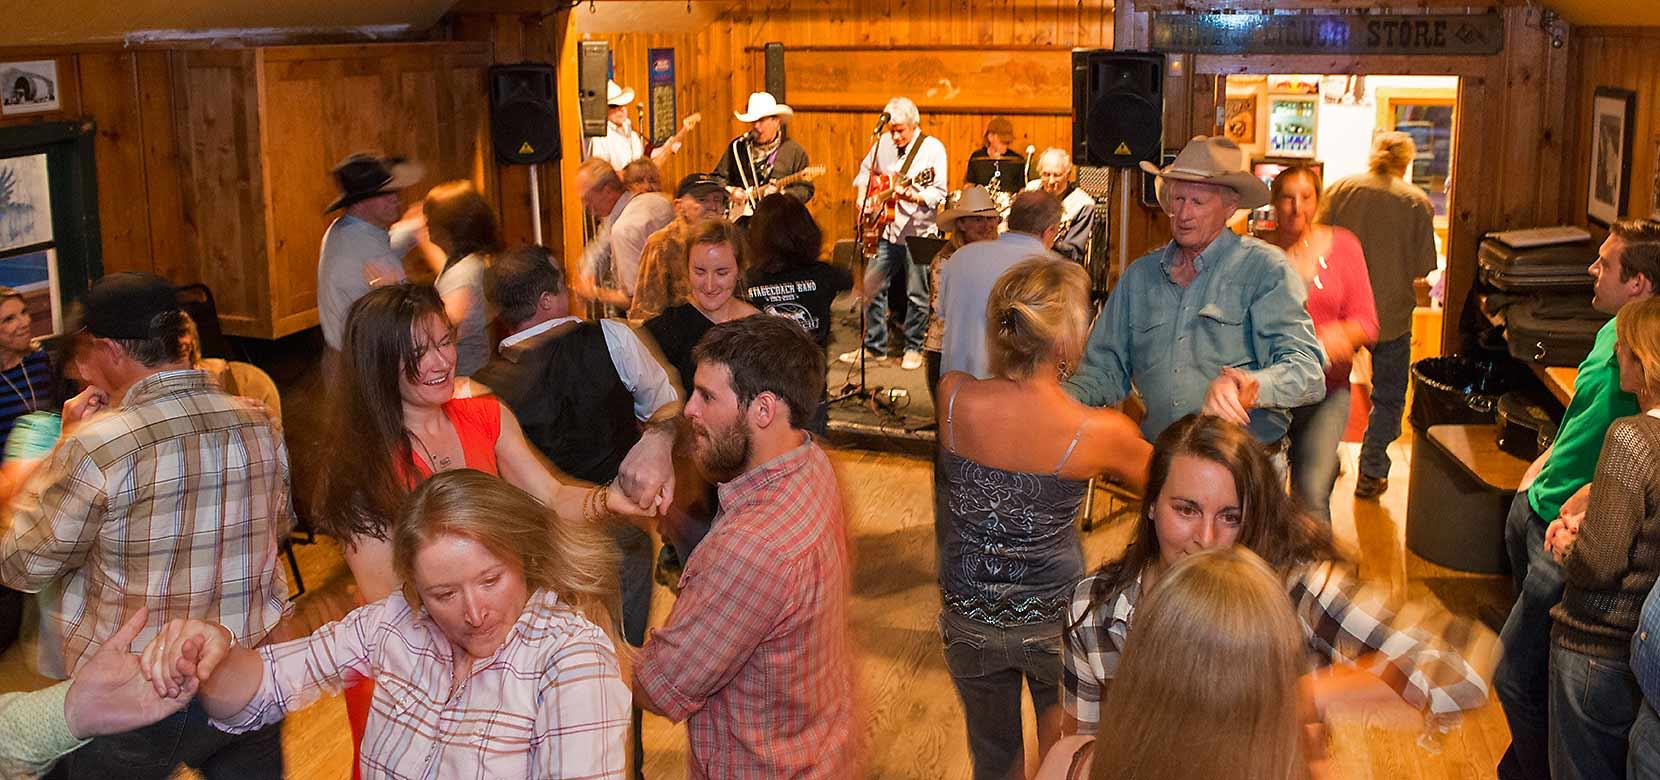 Jackson Hole Nightlife - Stagecoach Bar